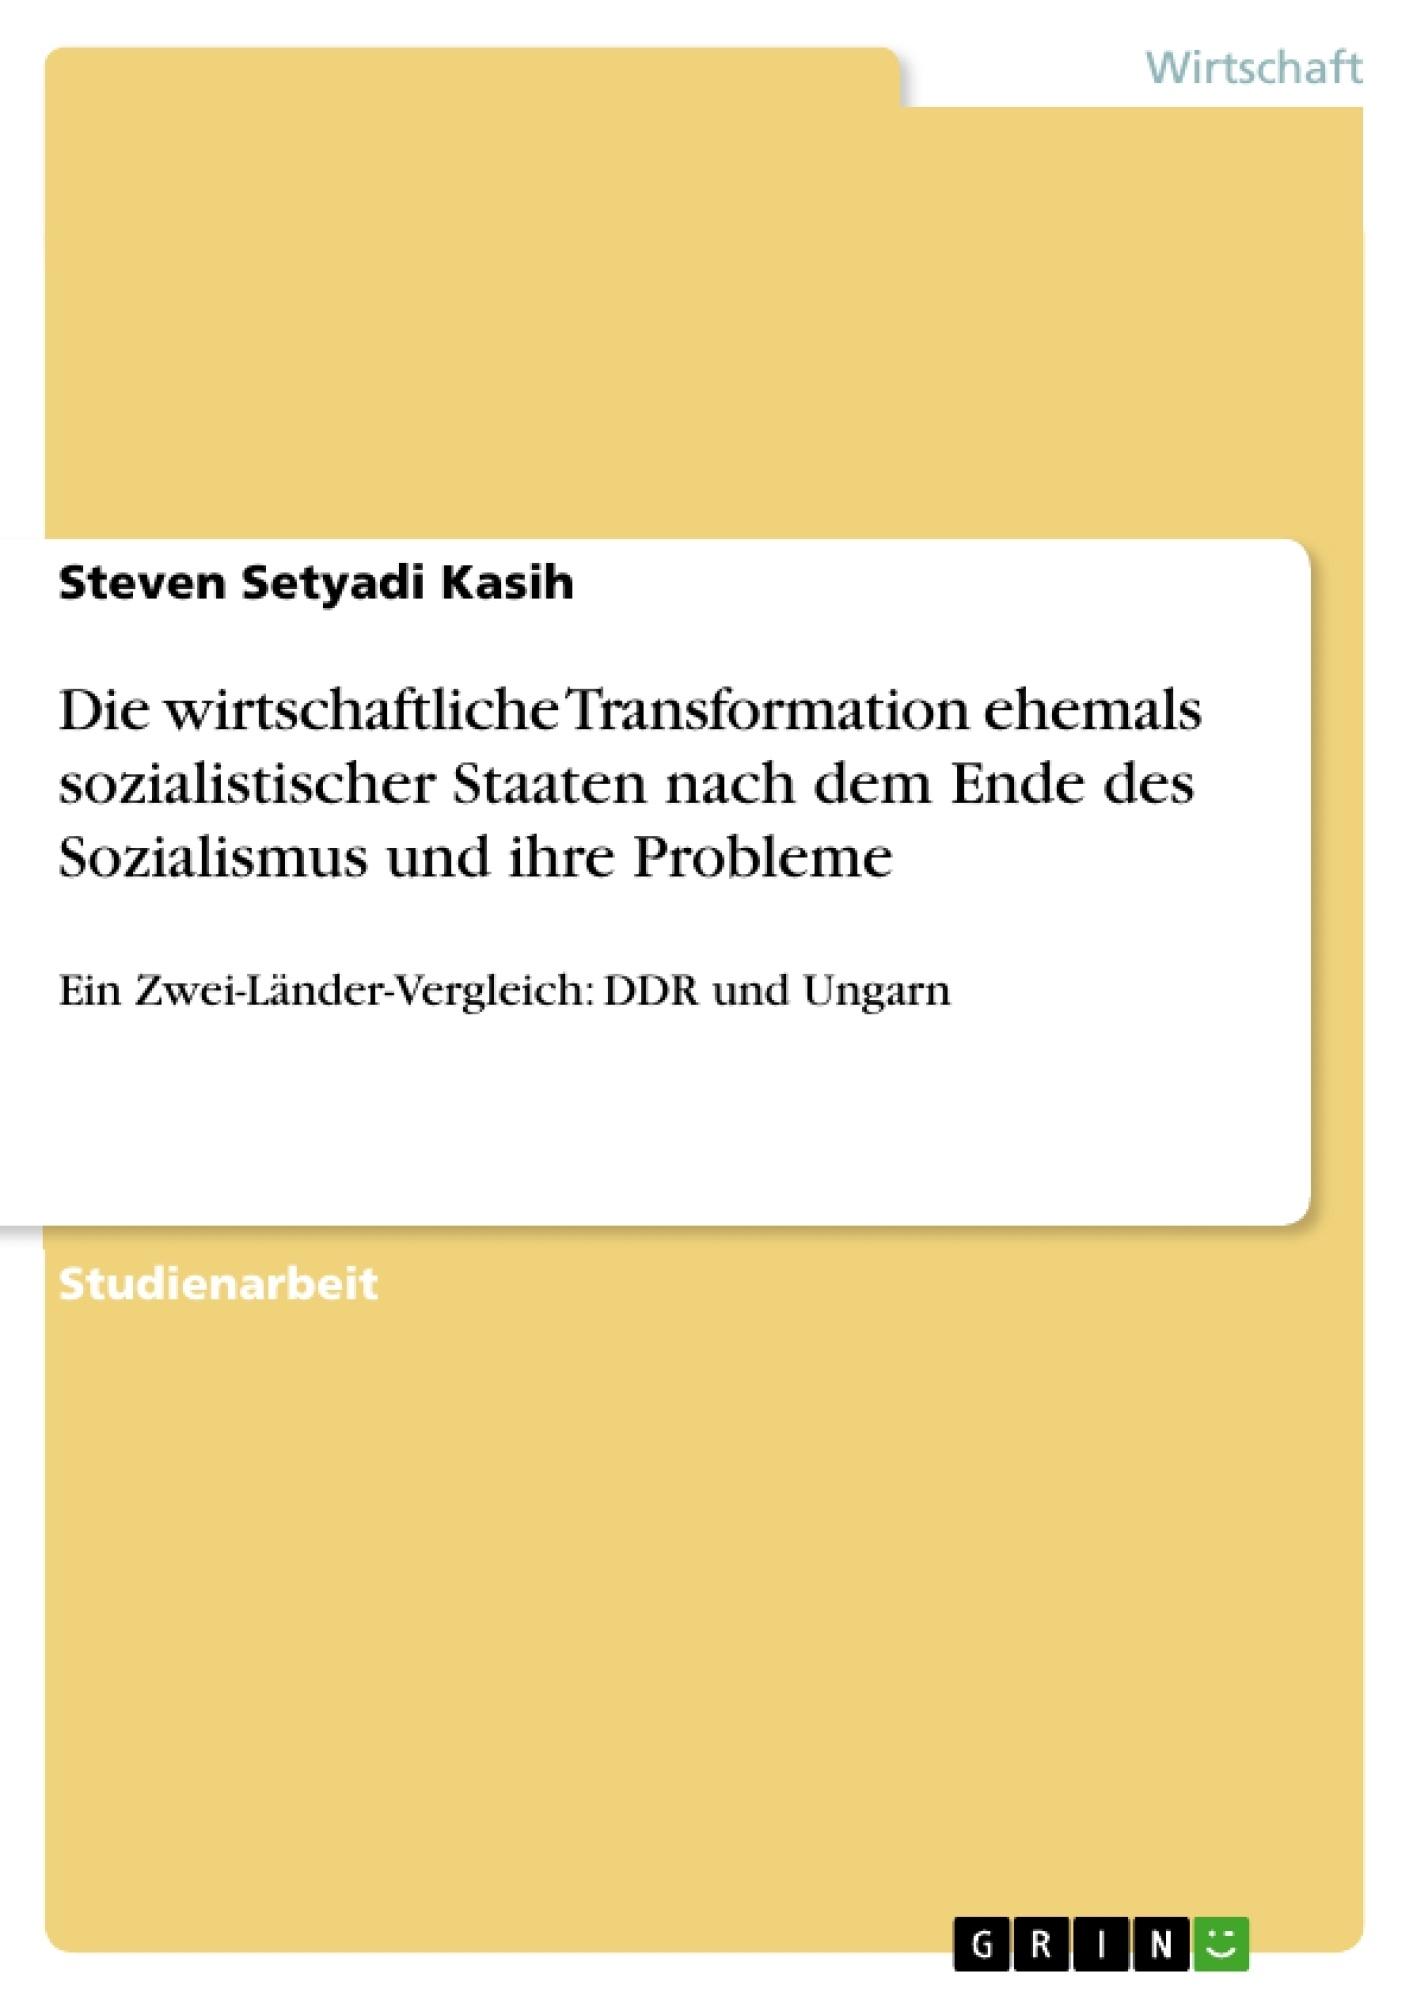 Titel: Die wirtschaftliche Transformation ehemals sozialistischer Staaten nach dem Ende des Sozialismus und ihre Probleme